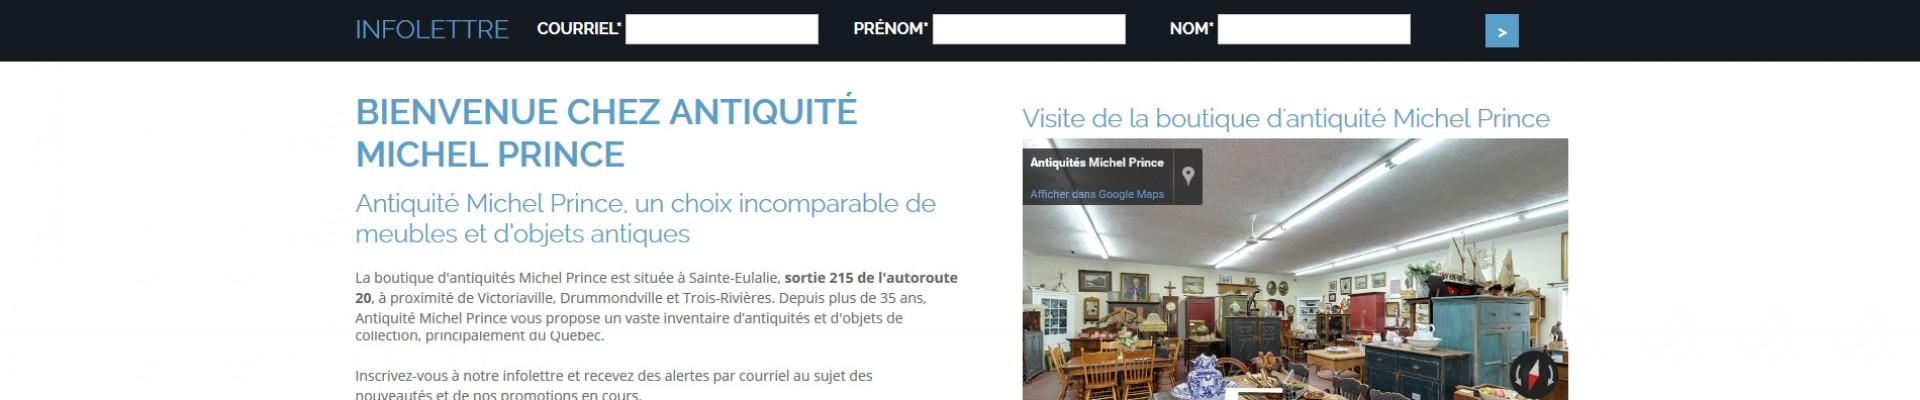 Site web dynamique, Antiquité Michel Prince